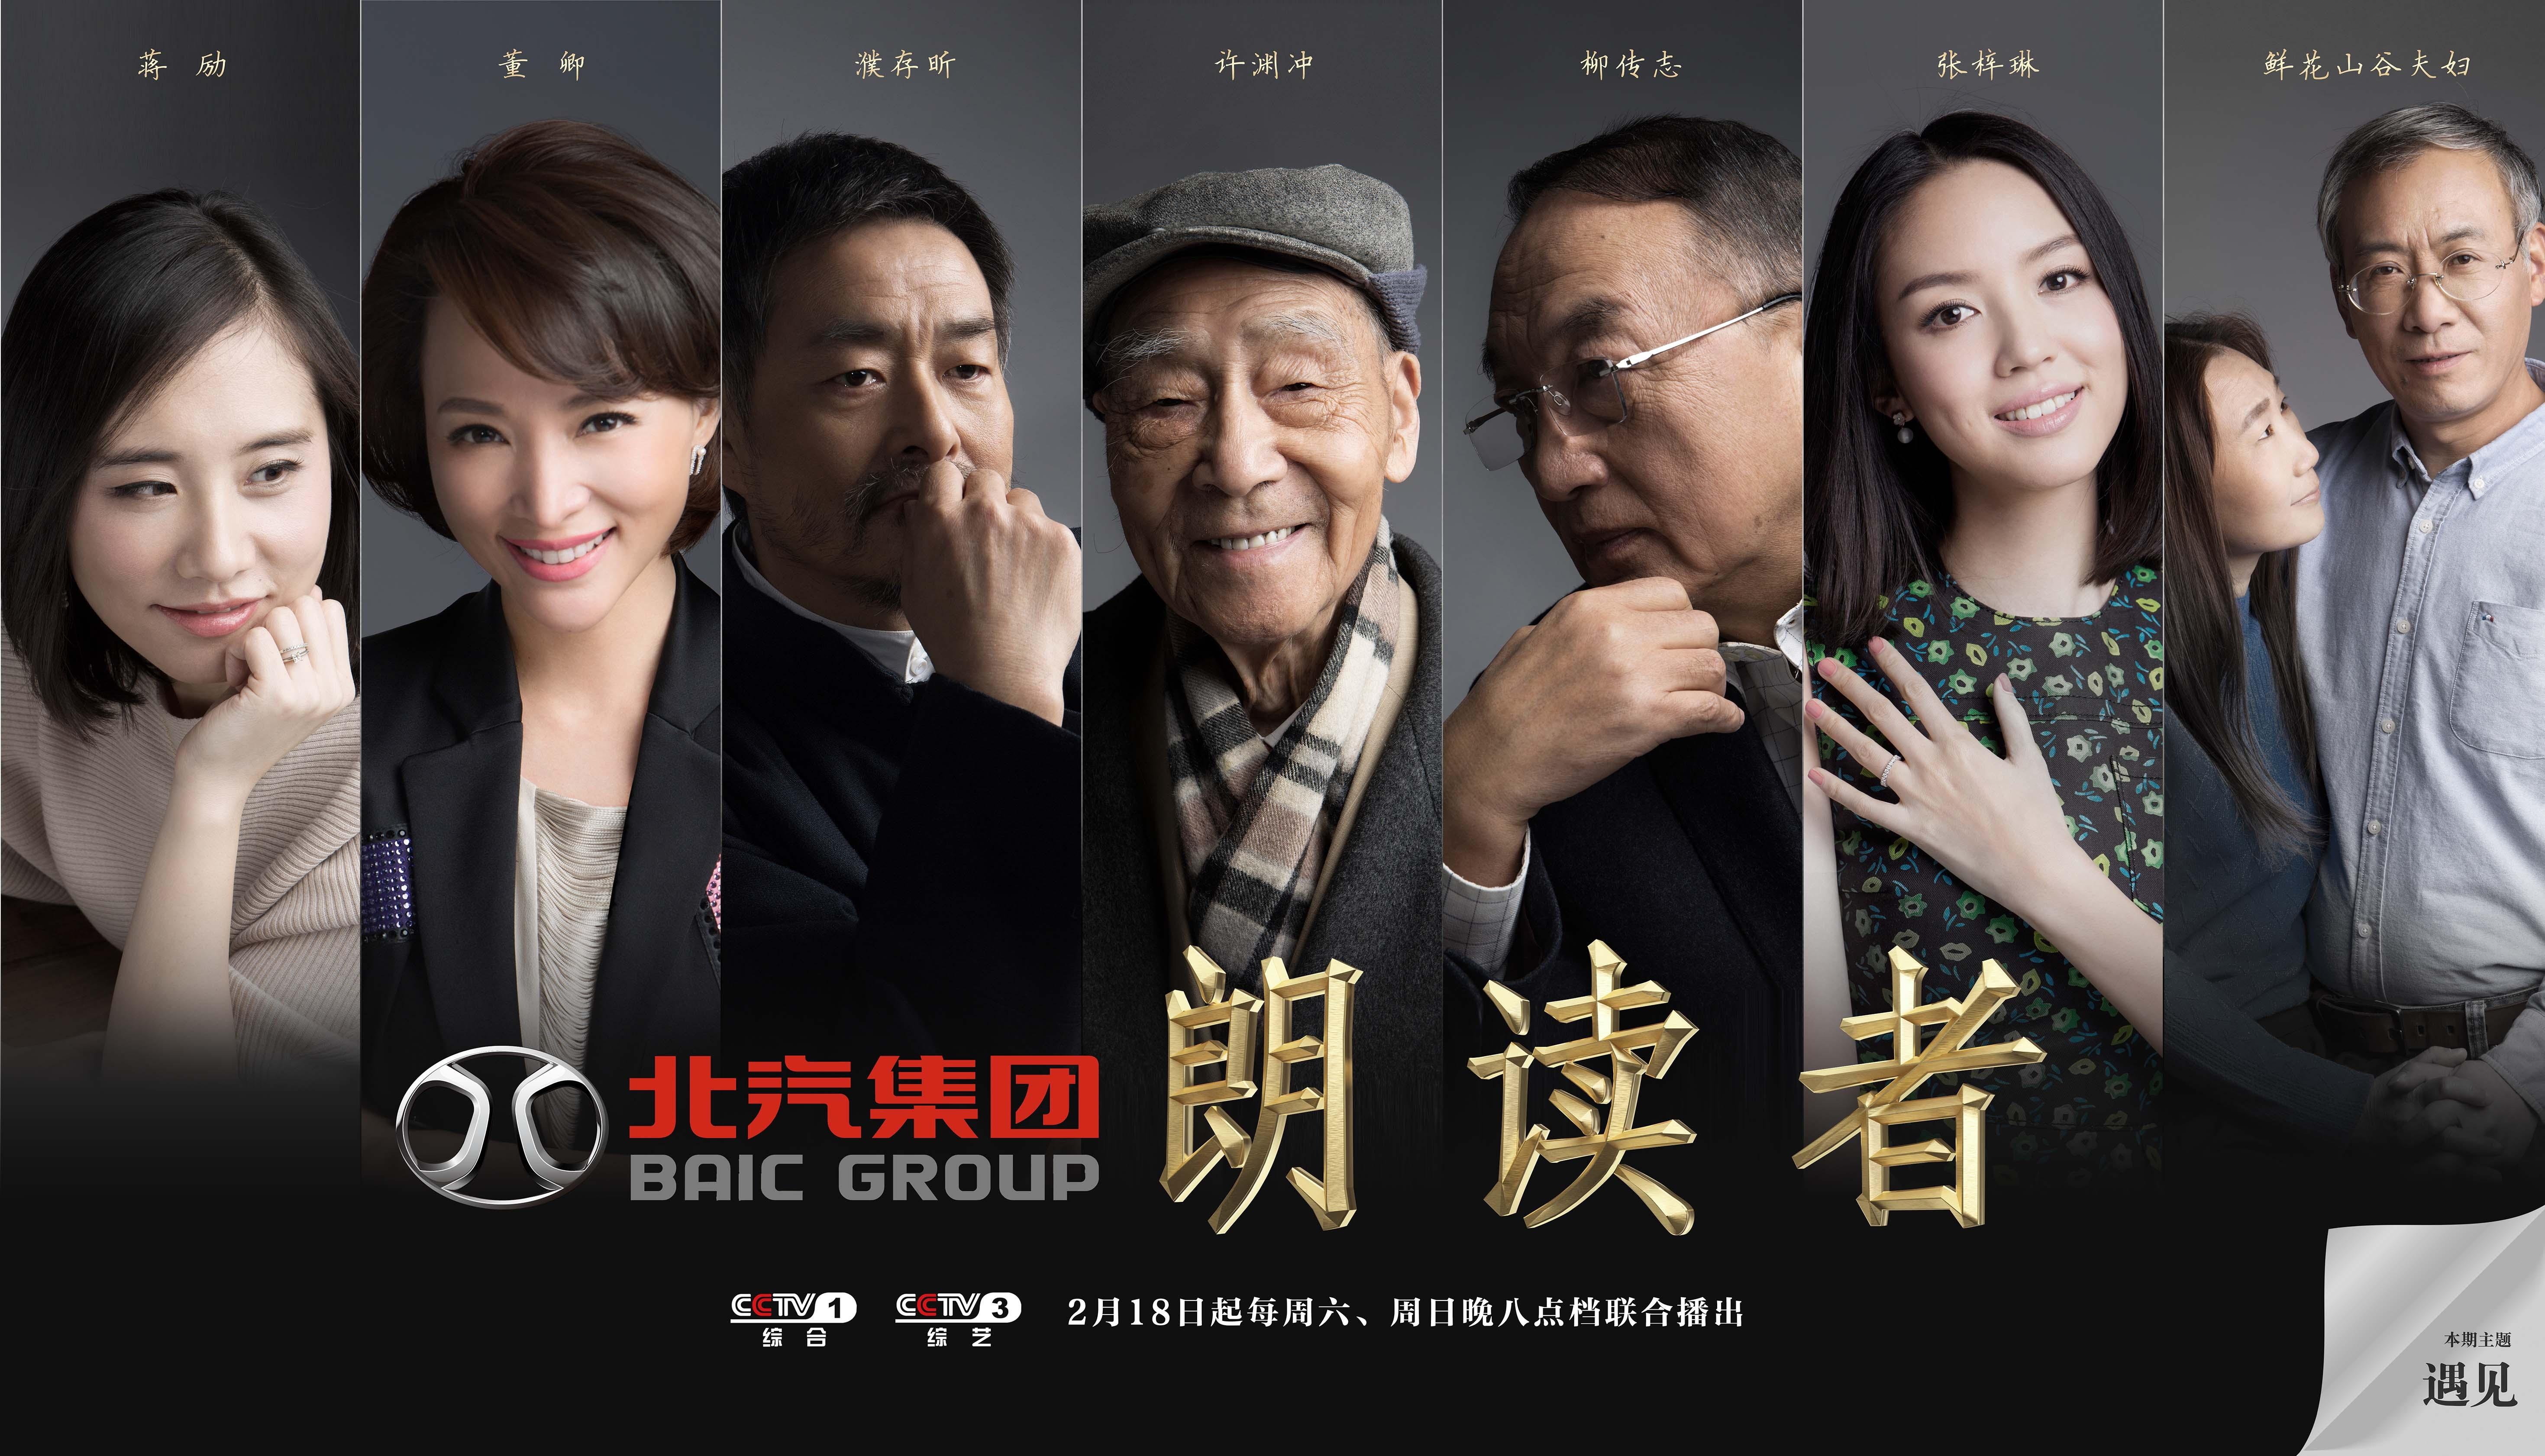 风云才女高清_电影网_1905.com-电影网_1905.com - d8899.com,d8886尊龙,尊龙娱乐城